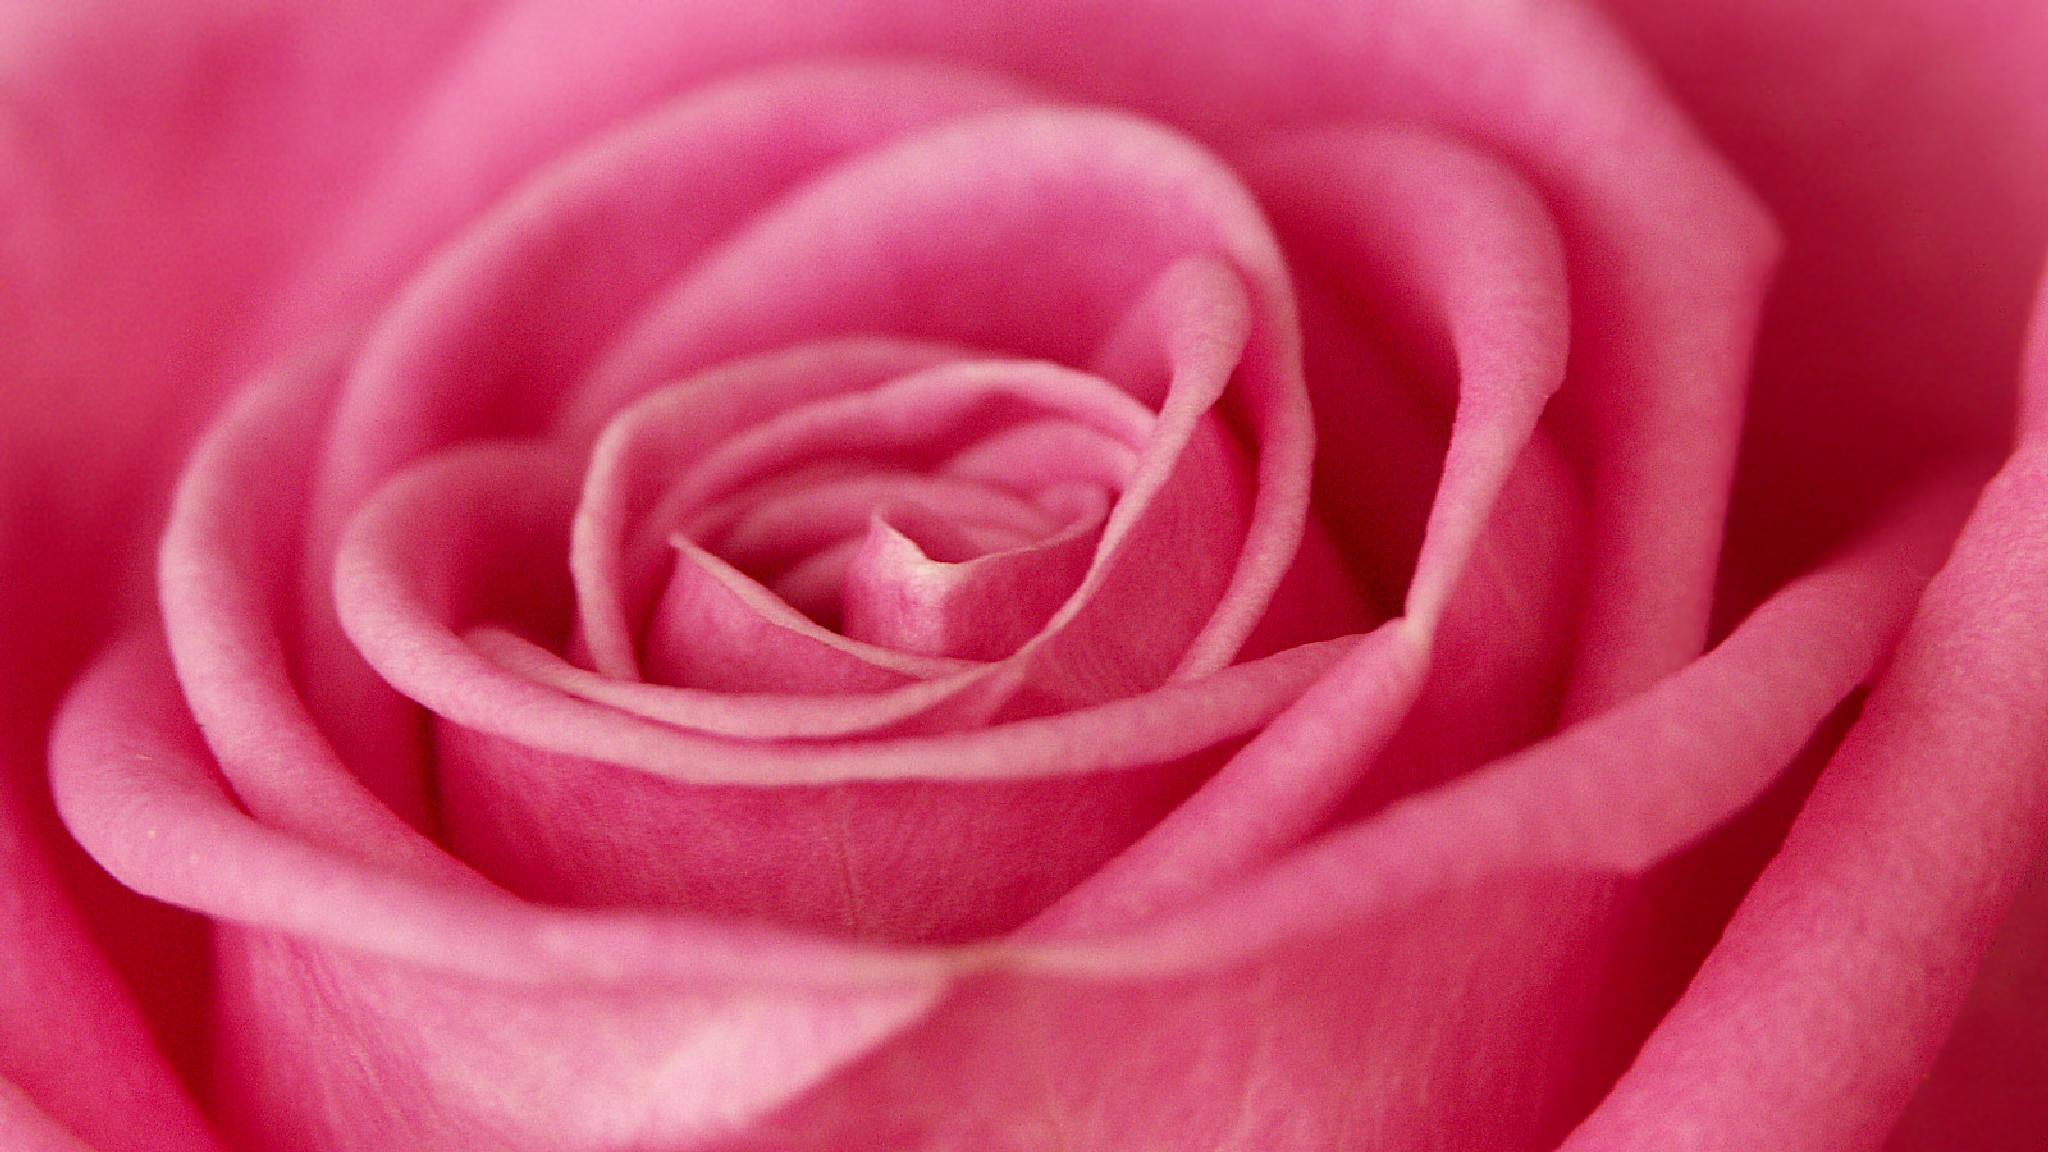 Rose rose by Matt H. Imaging